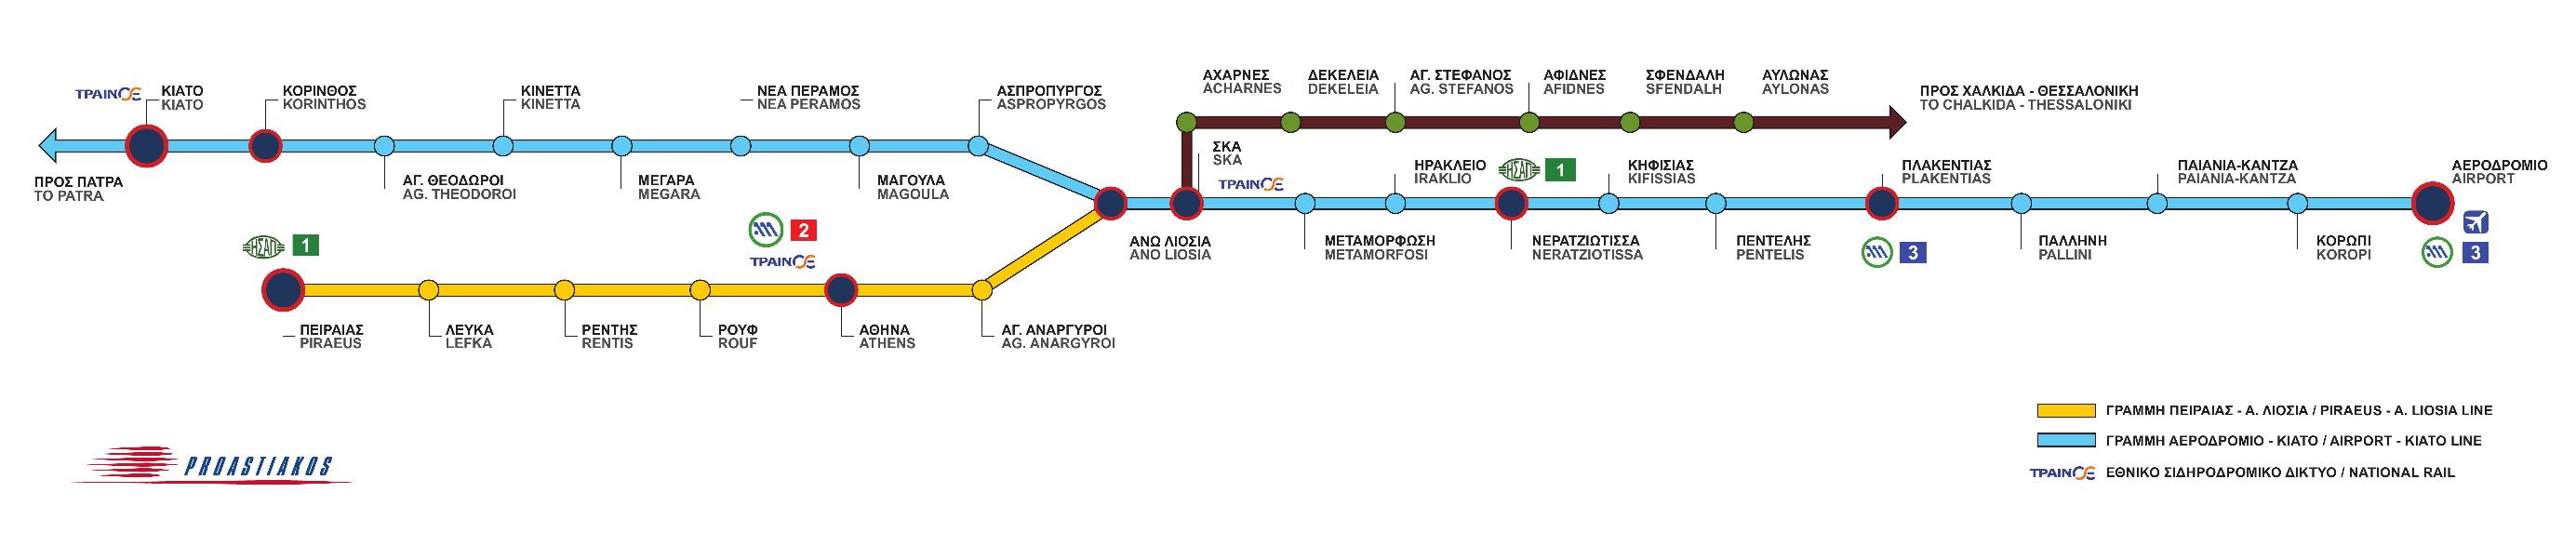 Χάρτης του δικτύου του Προαστιακού Αθήνας. Πηγή: ΤΡΑΙΝΟΣΕ